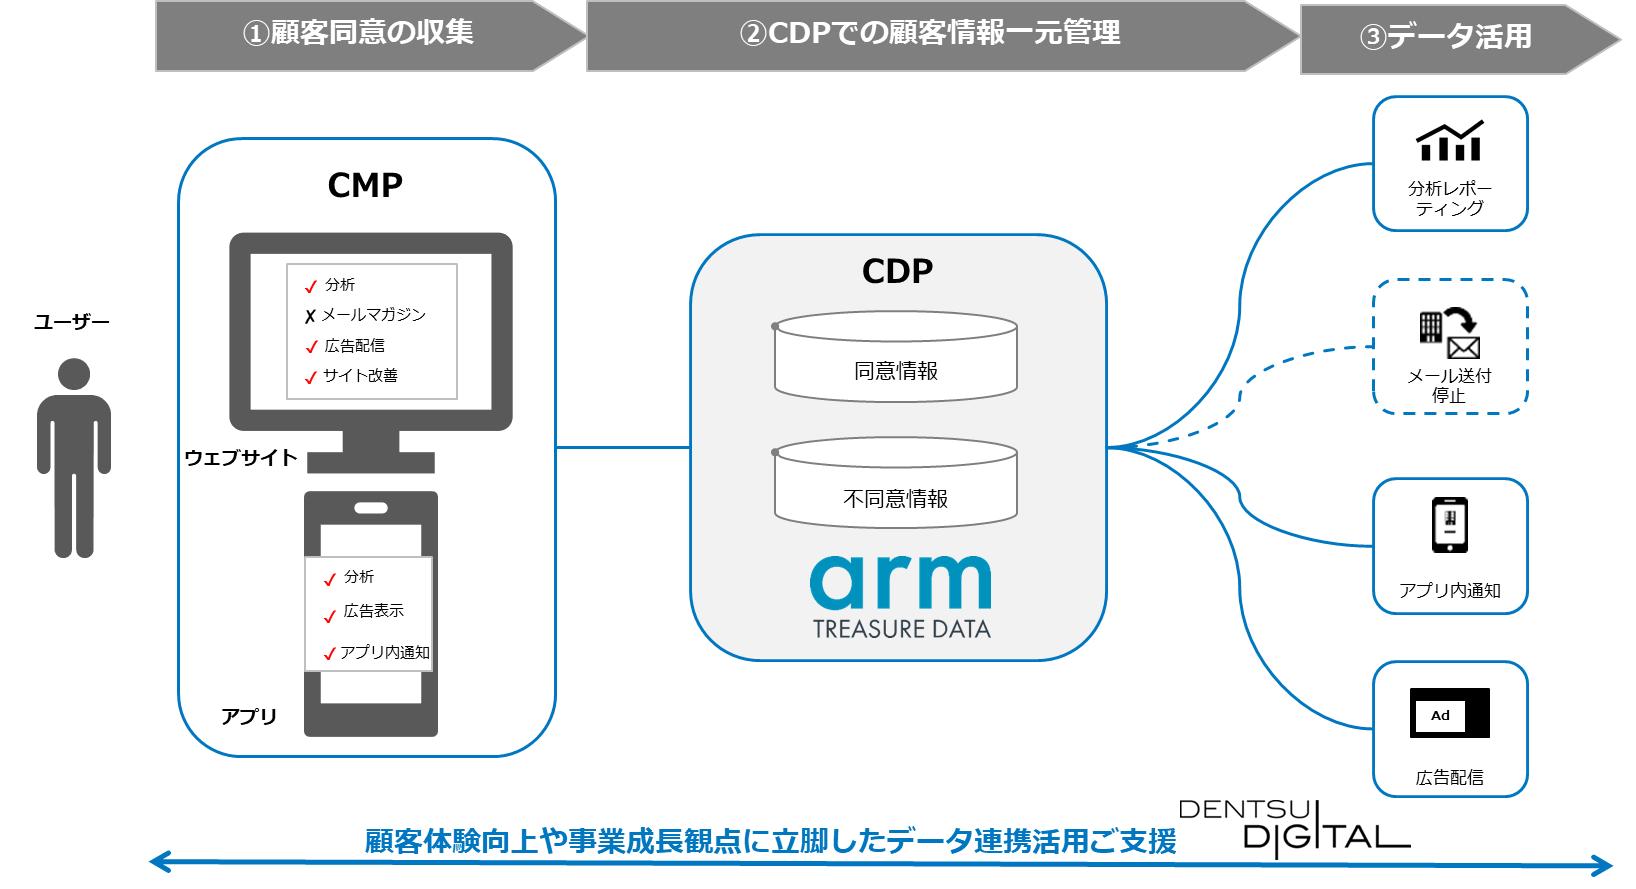 電通デジタル、トレジャーデータとプライバシーマネジメントサービスを共同で開始